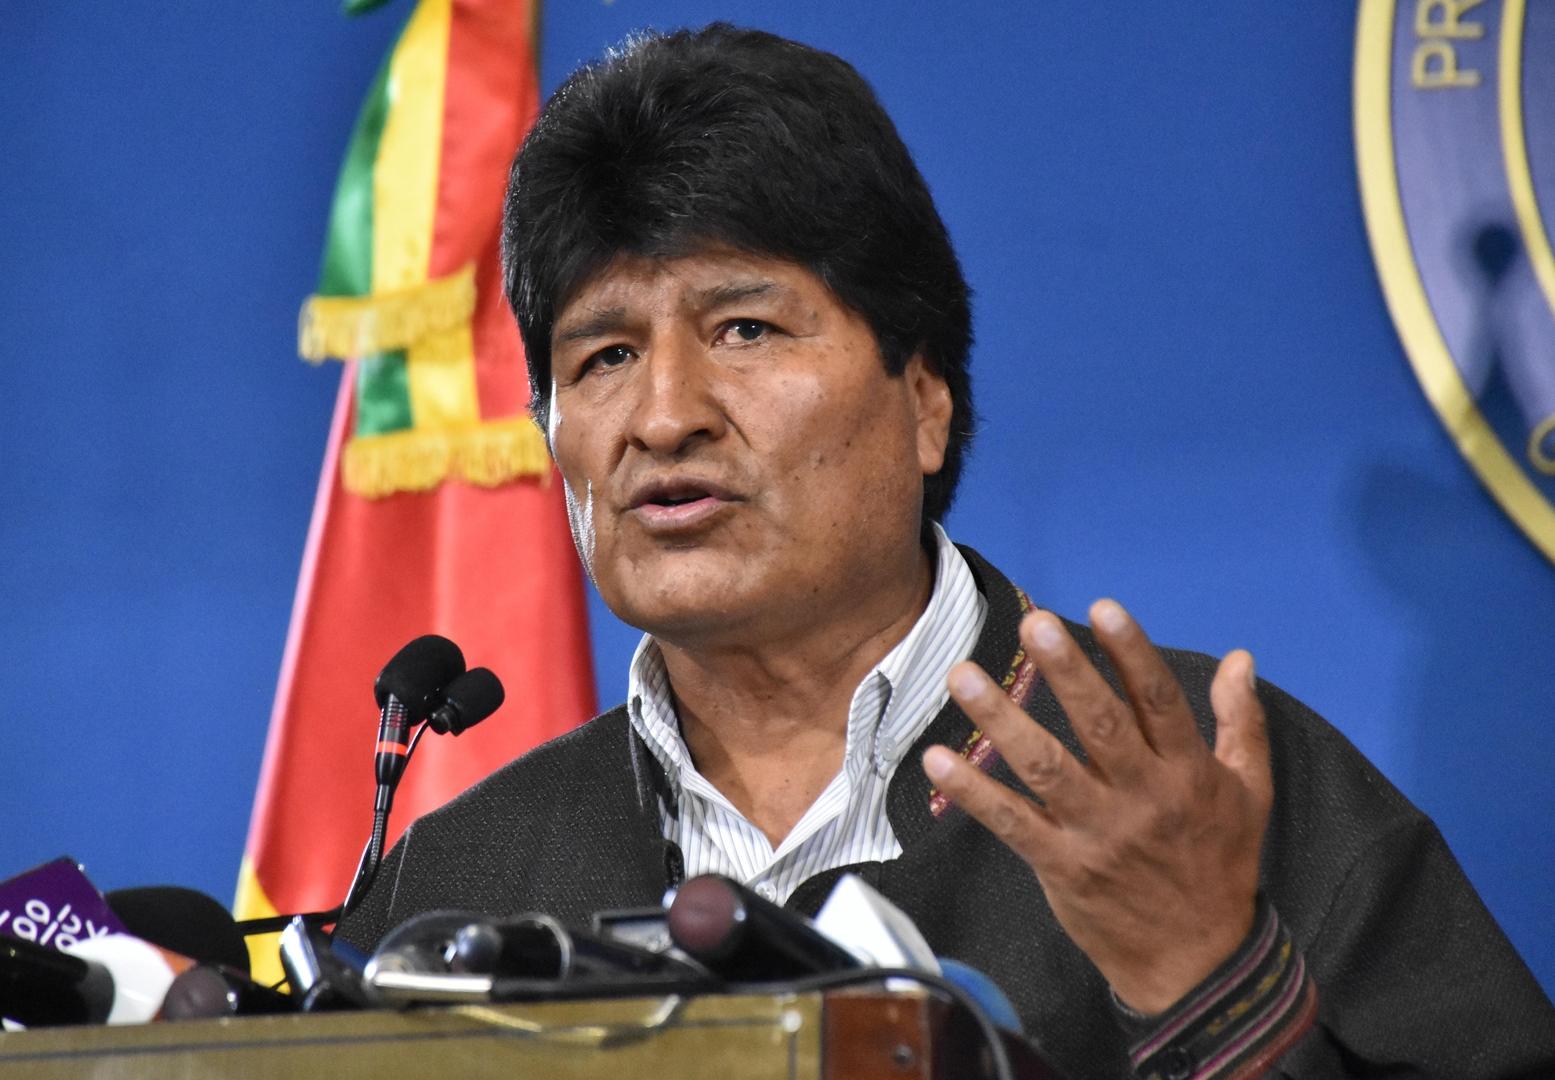 المكسيك تمنح حق اللجوء للرئيس البوليفي المستقيل إيفو موراليس